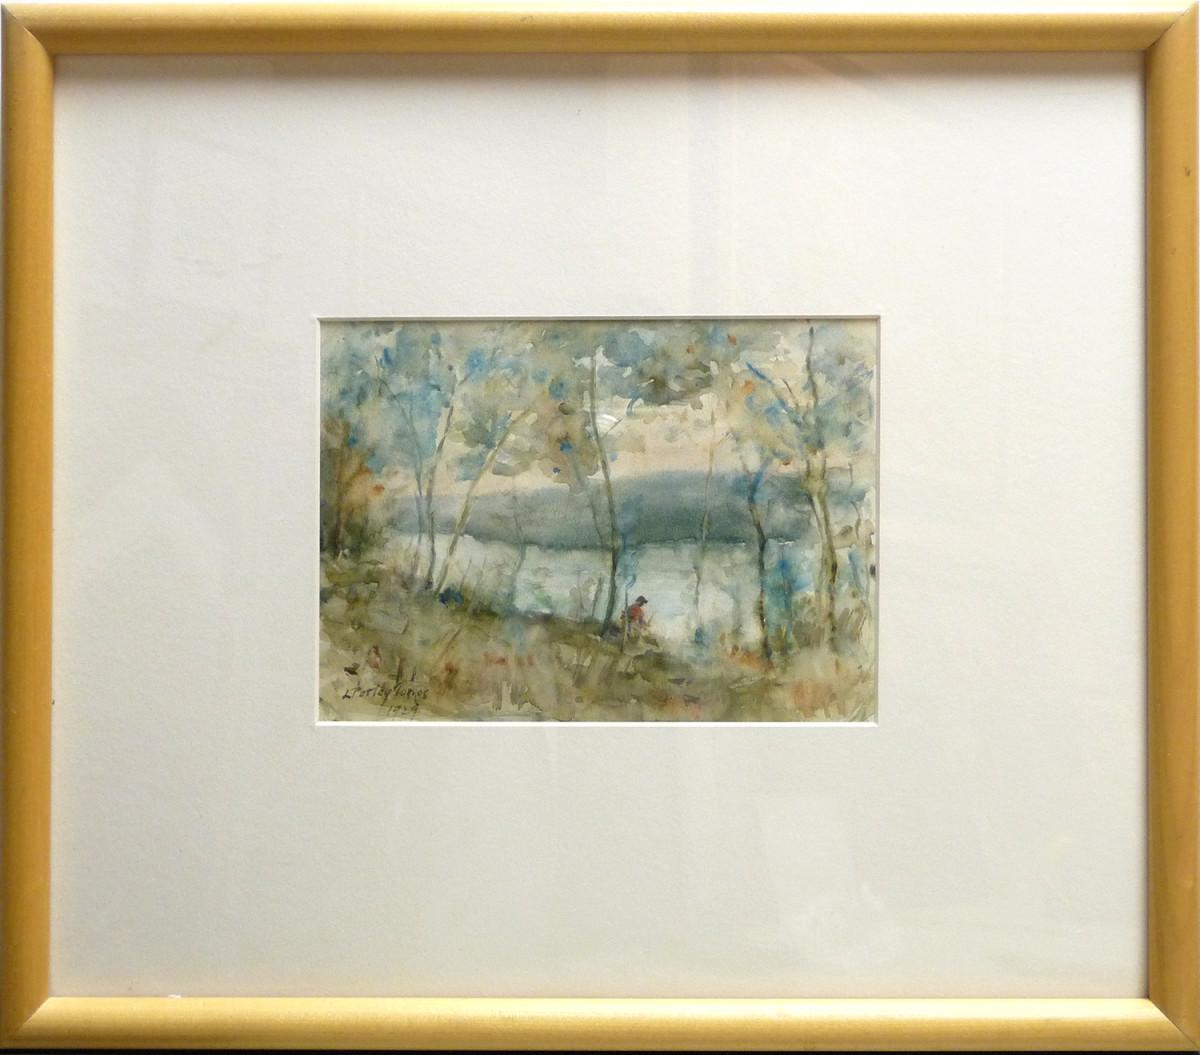 2348 - River Solitude by Llewellyn Petley-Jones (1908-1986)